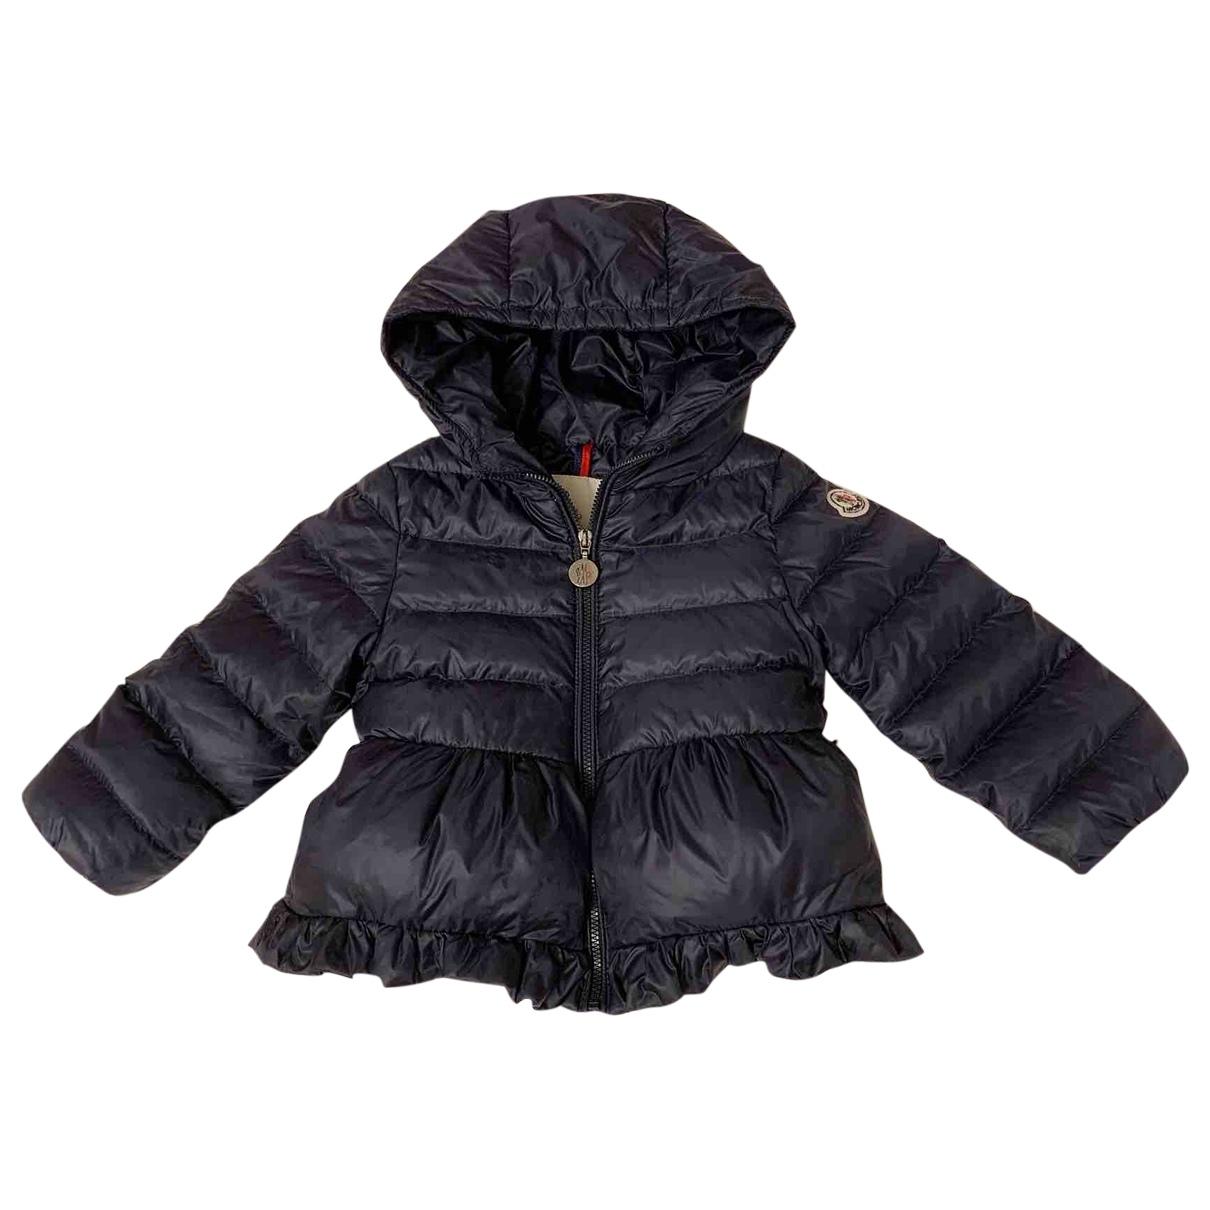 Moncler \N Blue jacket & coat for Kids 18 months - up to 81cm FR